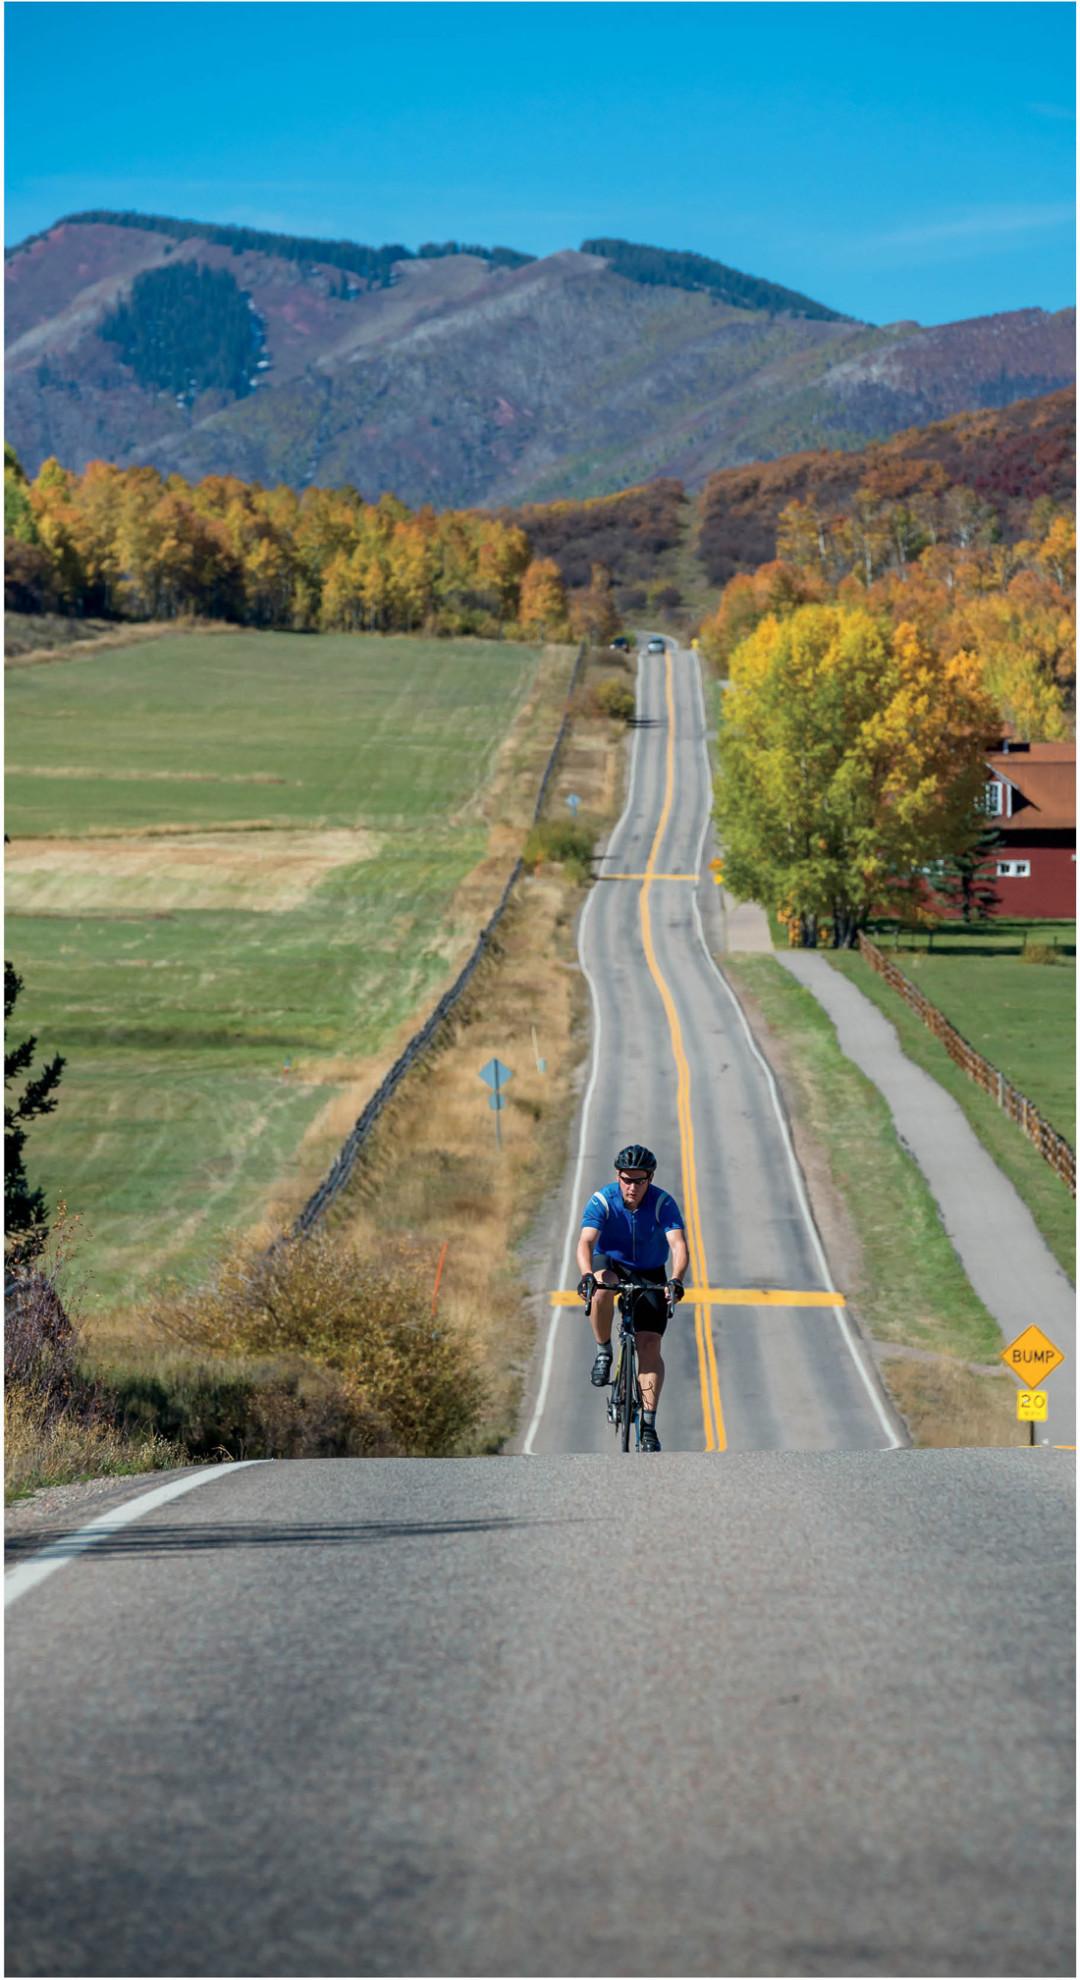 0714 highway biker rm3uuv